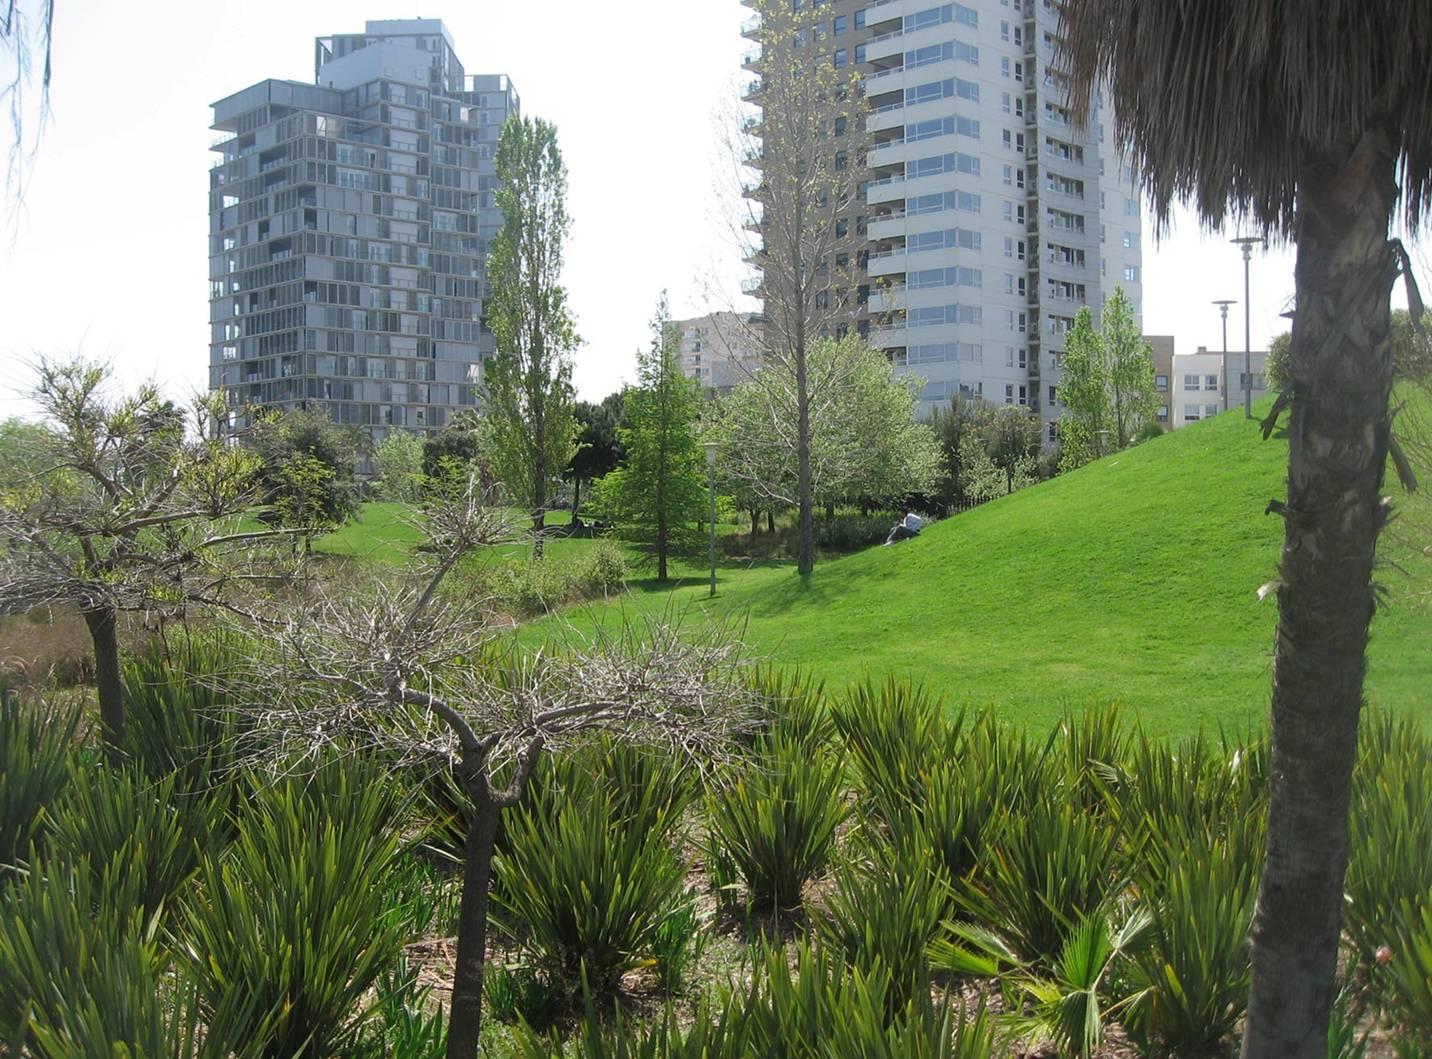 parc públic urbà